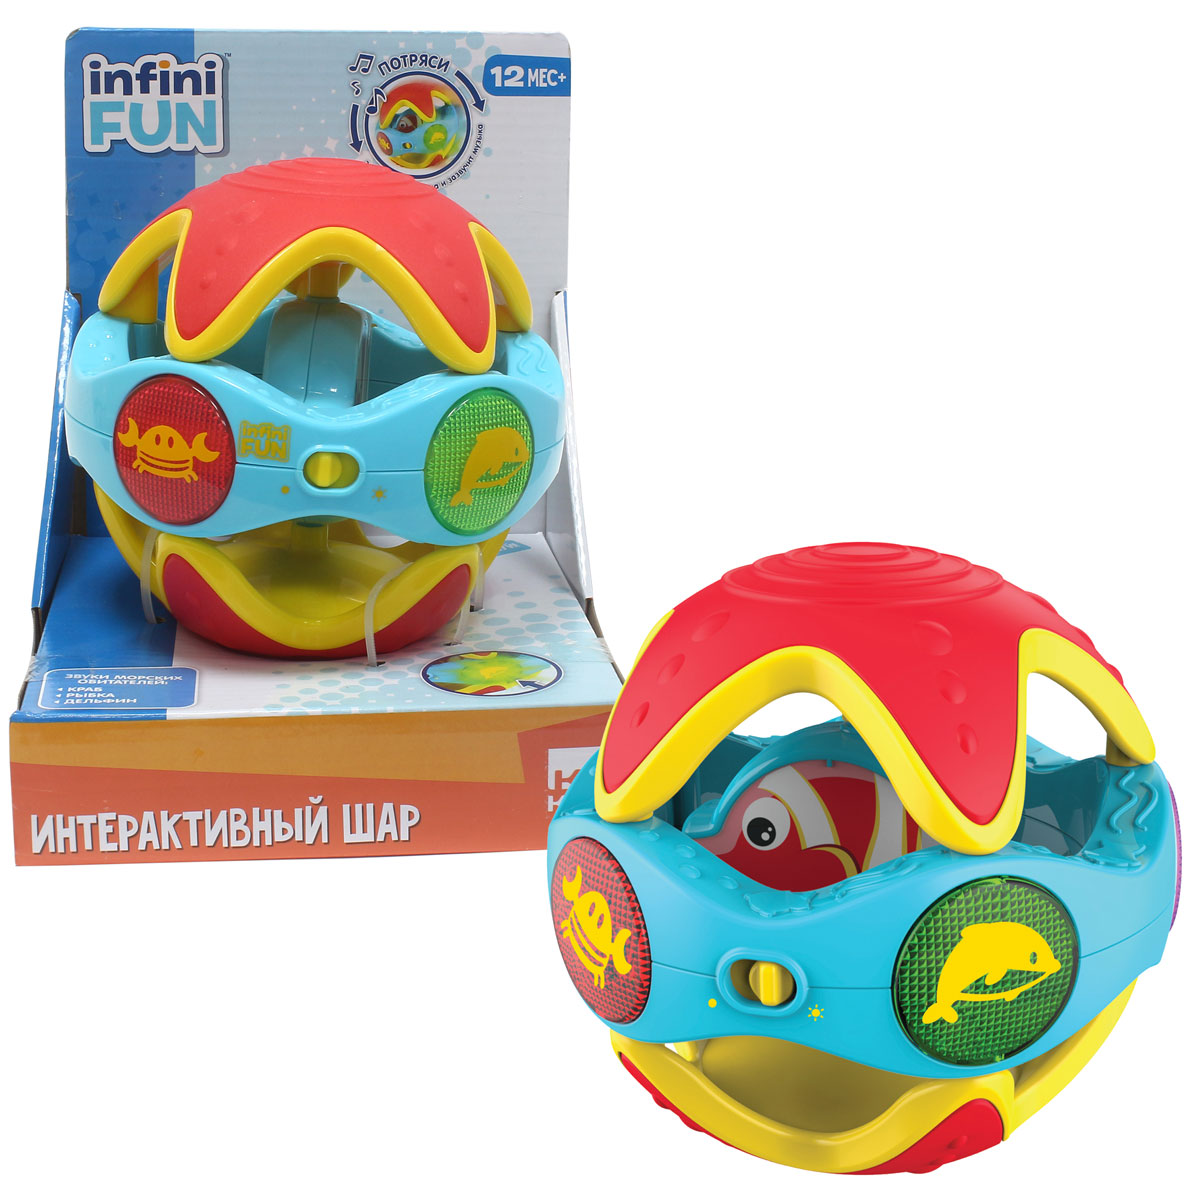 цены на 1TOY Развивающая игрушка Kidz Delight Интерактивный шар  в интернет-магазинах